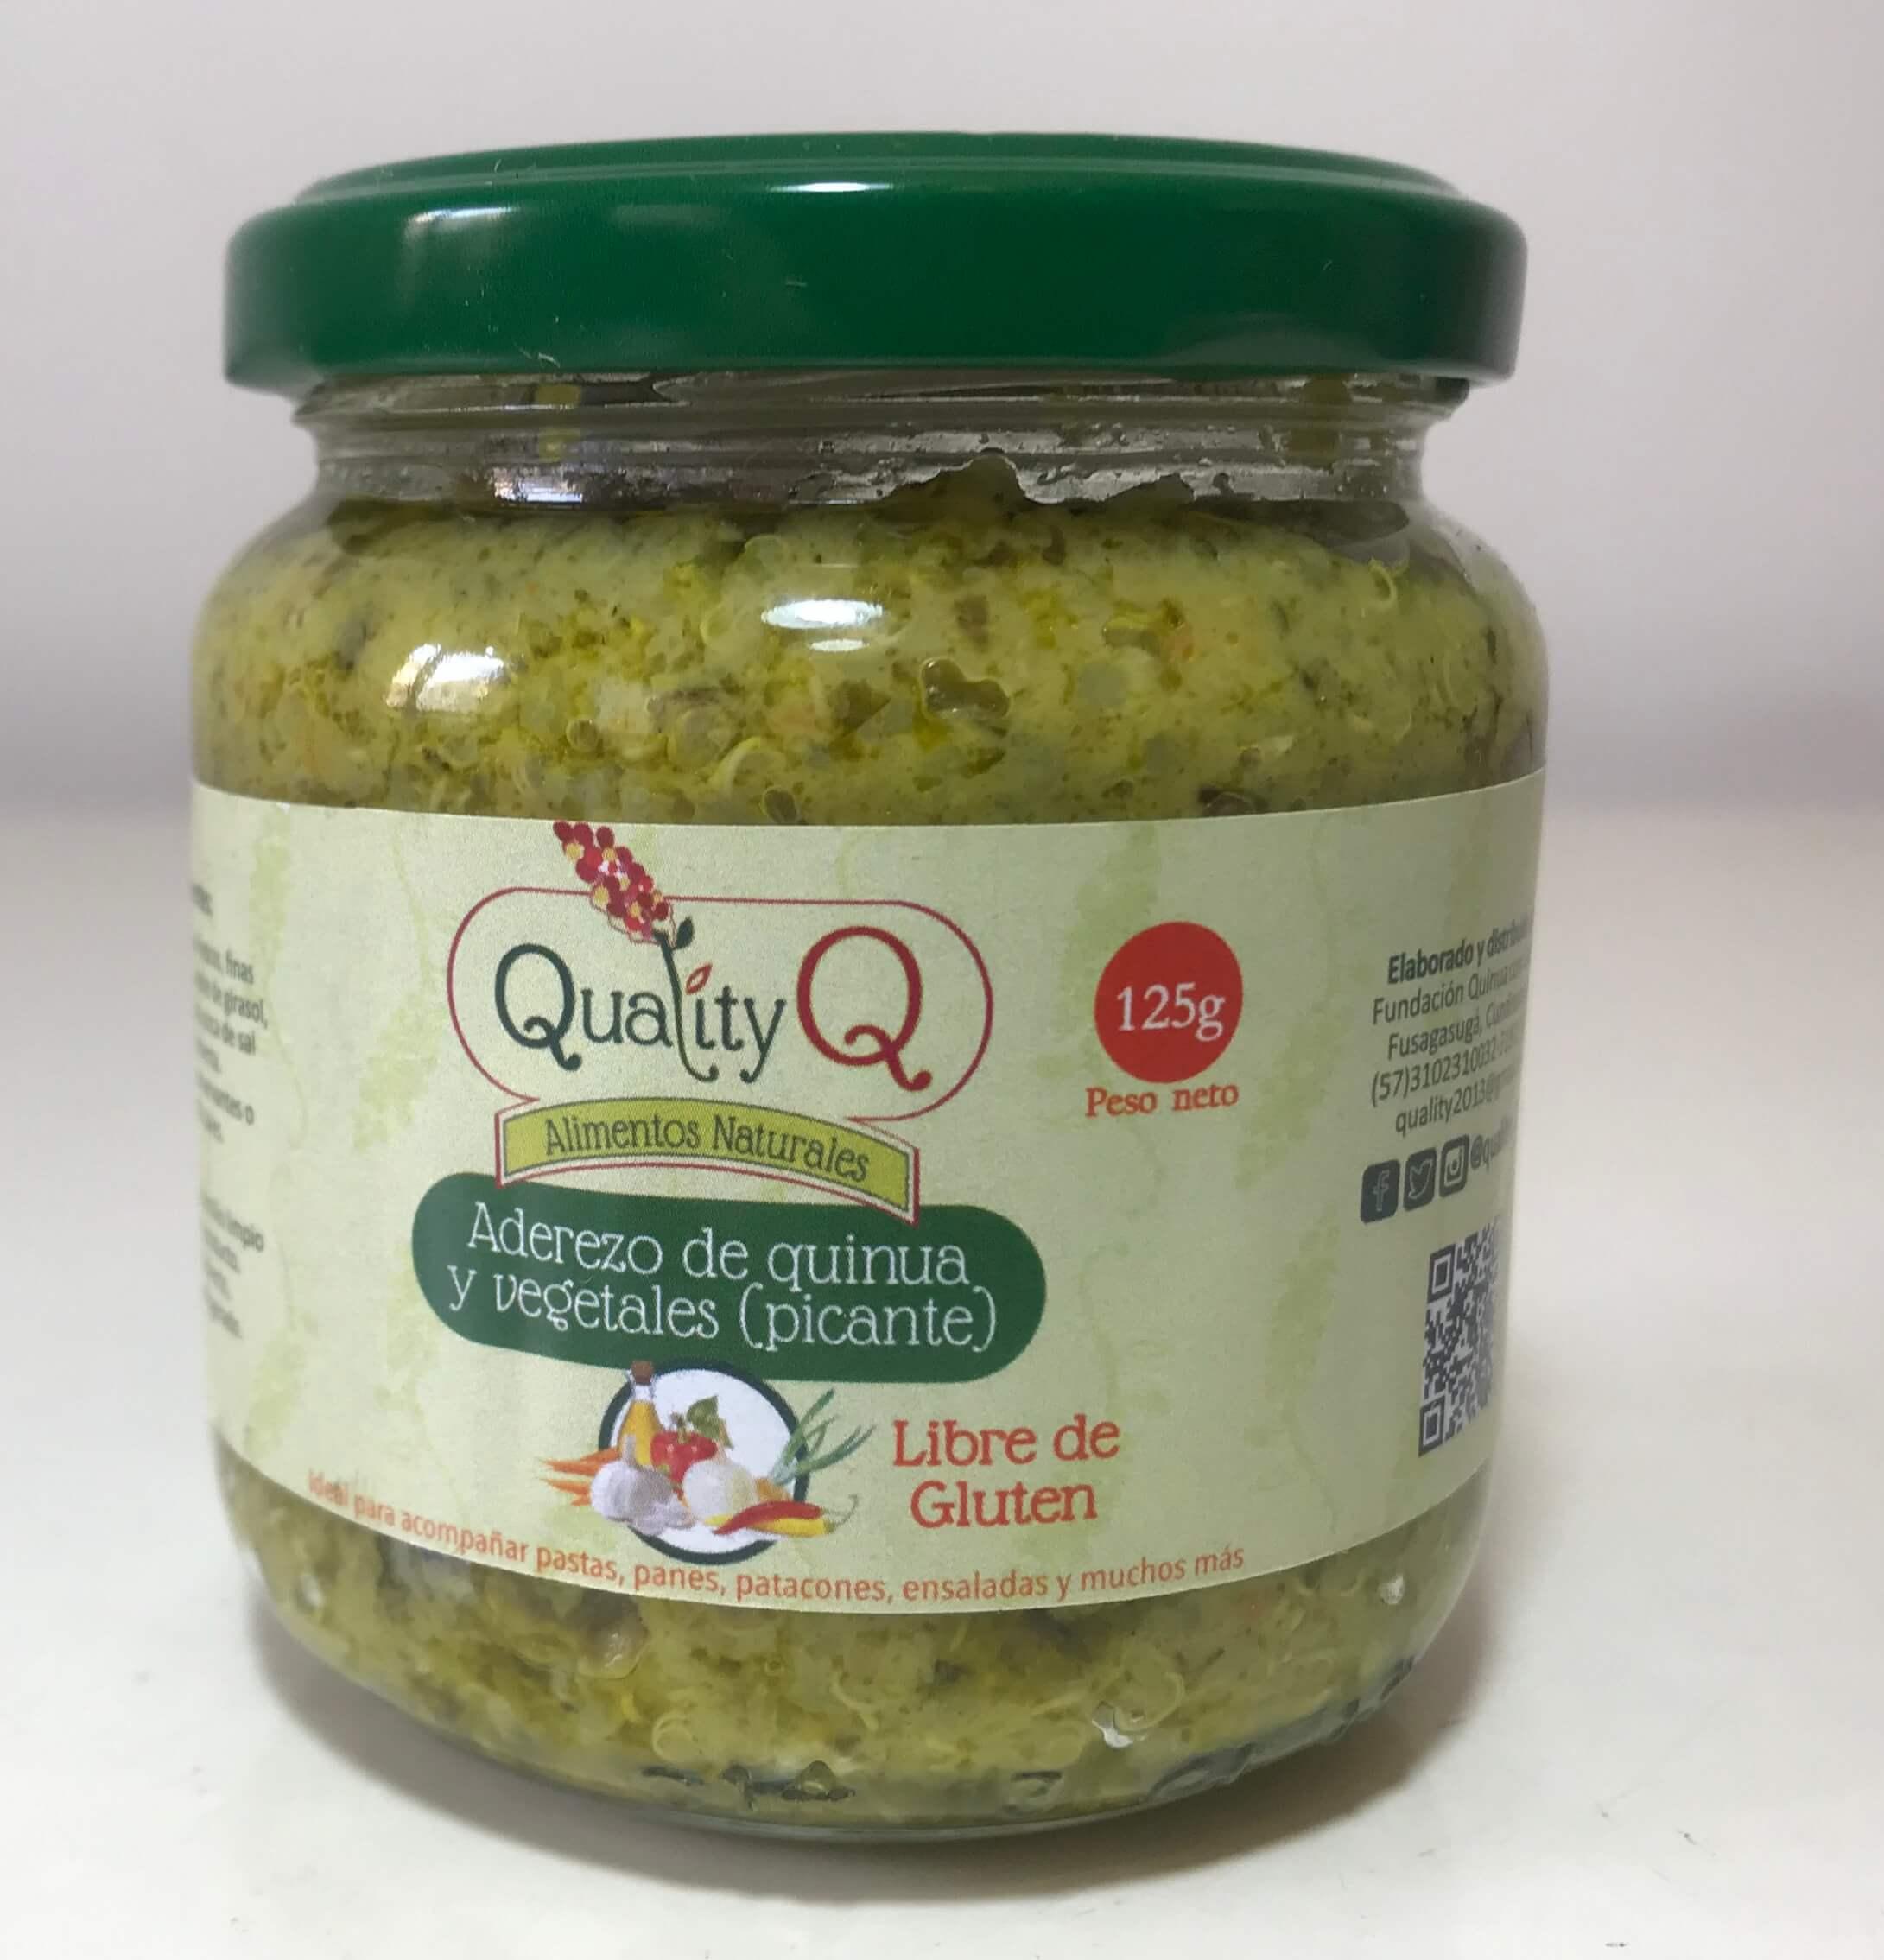 Aderezo-de-Quinua-y-vegetales-Picante-125-gr.jpeg